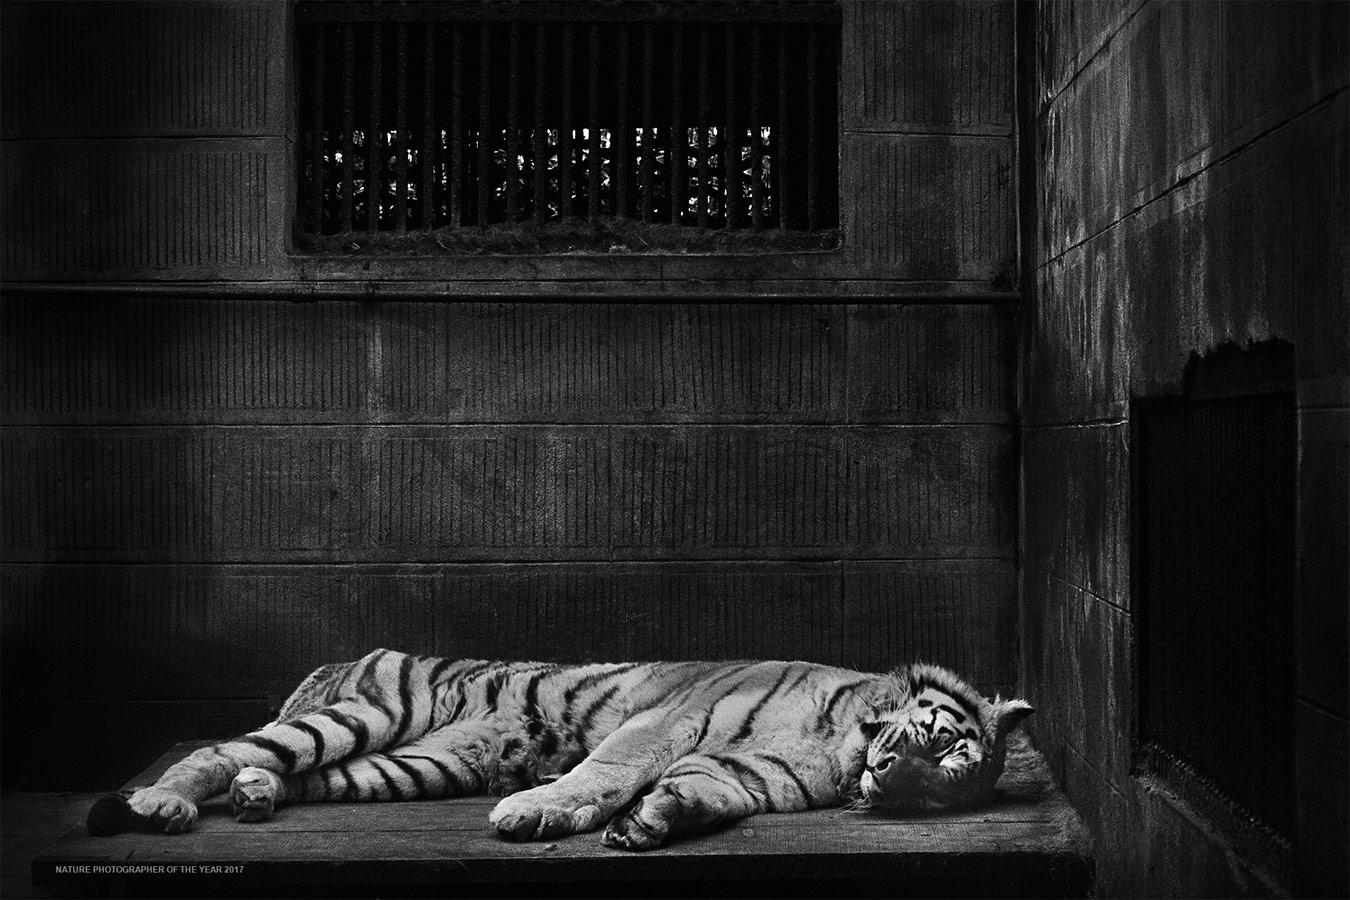 Во имя традиционной китайской медицины, © Бритта Ящински, Победитель категории «Человек и природа», Фотоконкурс «Природный фотограф года»